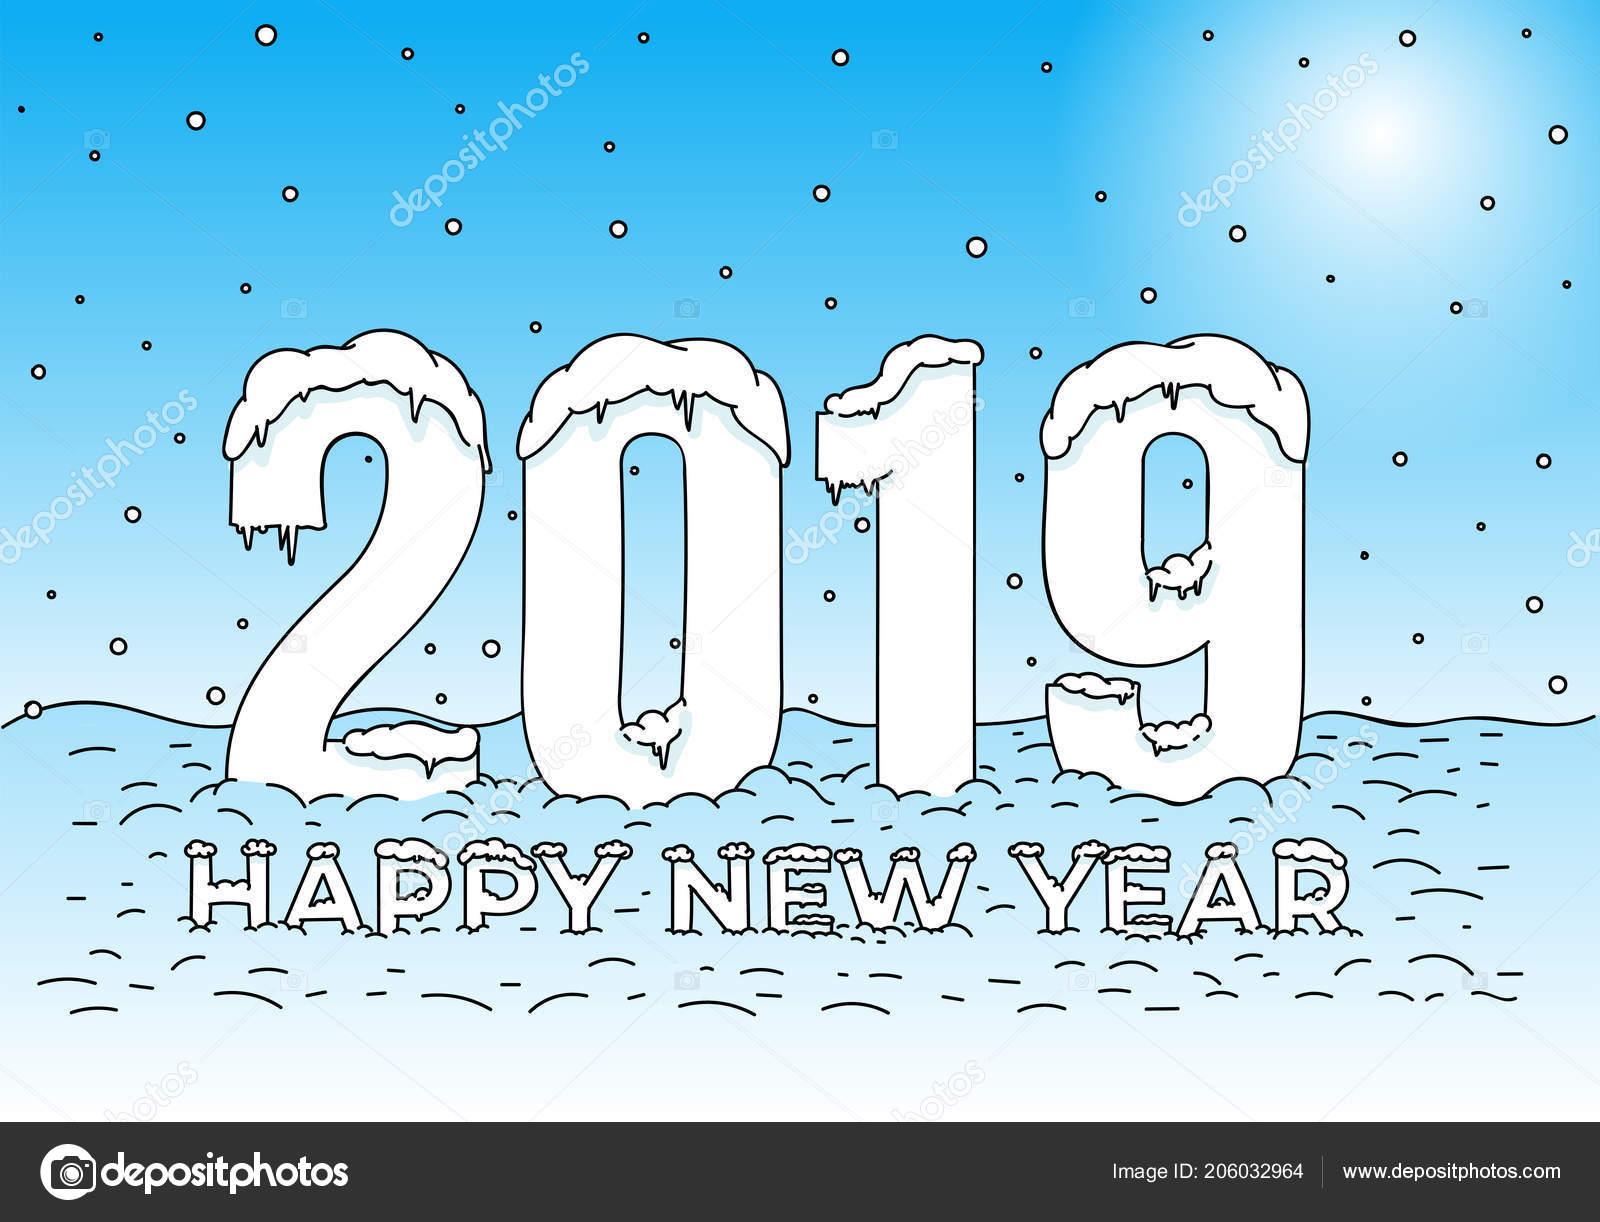 Kleurplaten Nieuwjaar 2019.Gelukkig Nieuwjaar Sneeuw Caps Cijfers Letters Kleurplaat 2019 Tekst